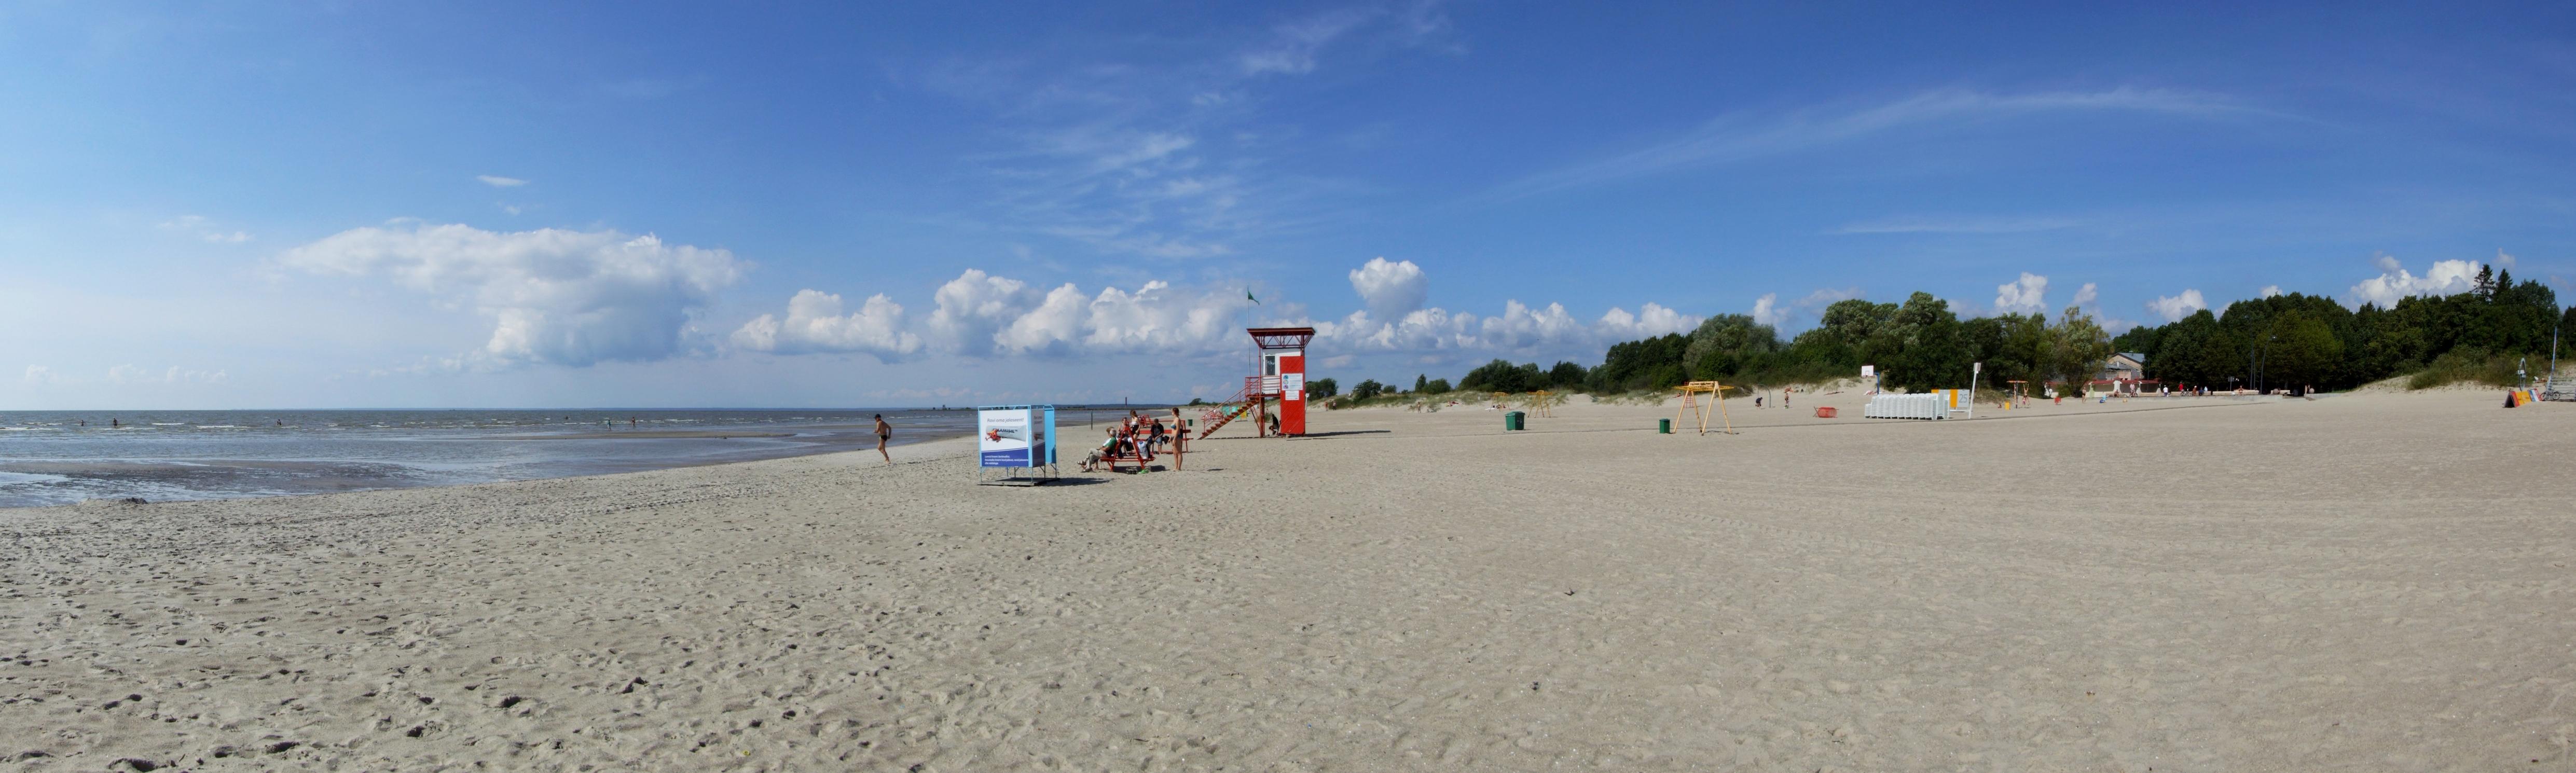 File p 228 rnu beach panorama jpg wikipedia the free encyclopedia